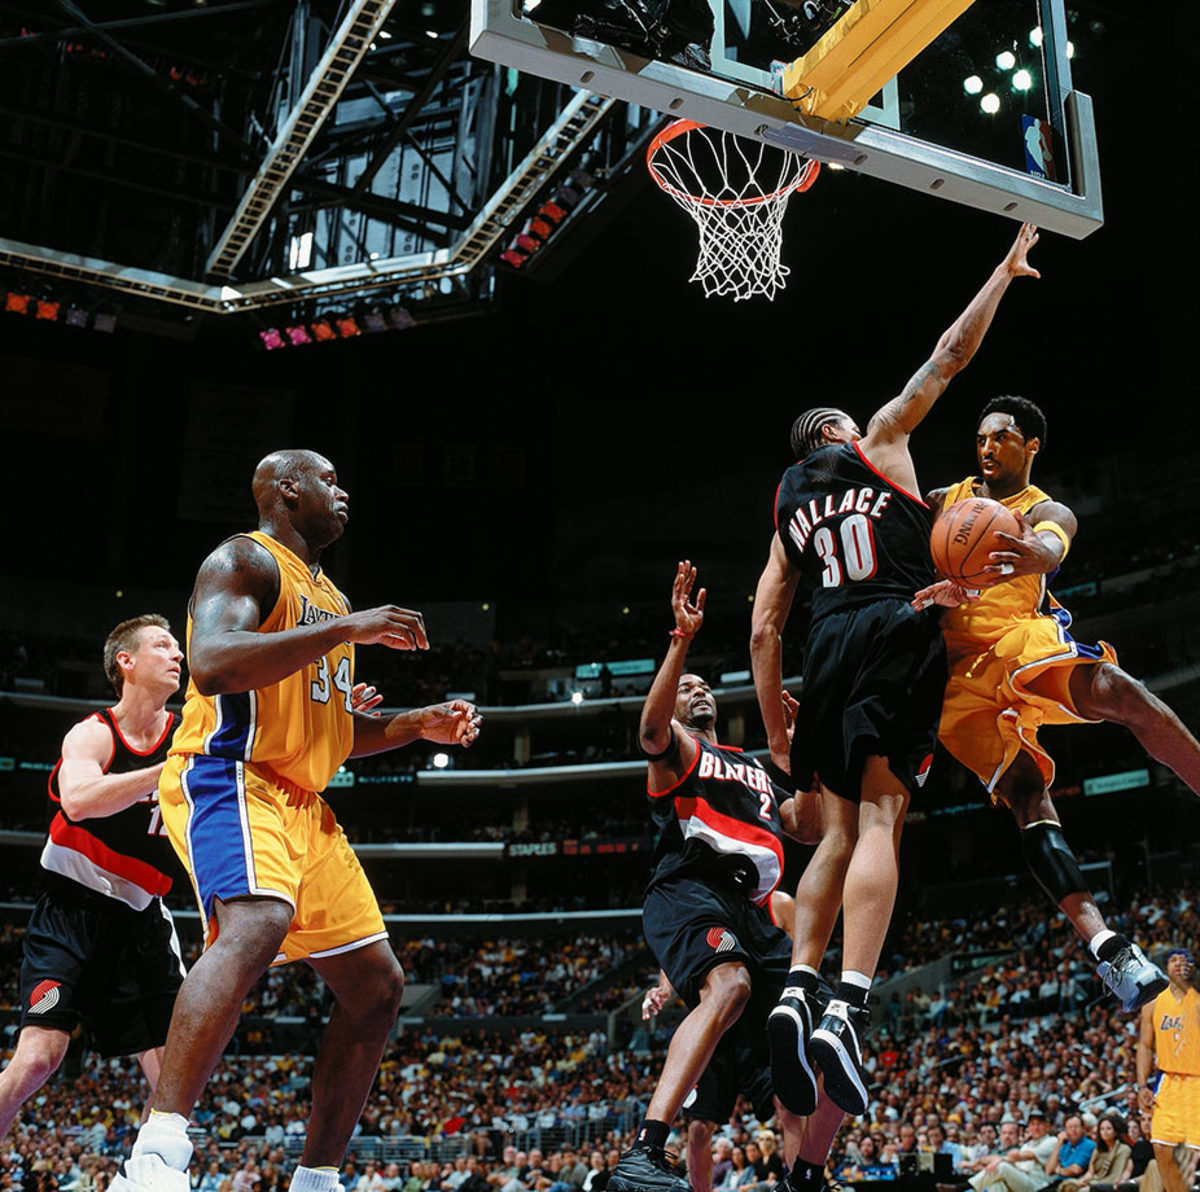 2001-0422-Kobe-Bryant-Shaquille-O'Neal-01233643.jpg